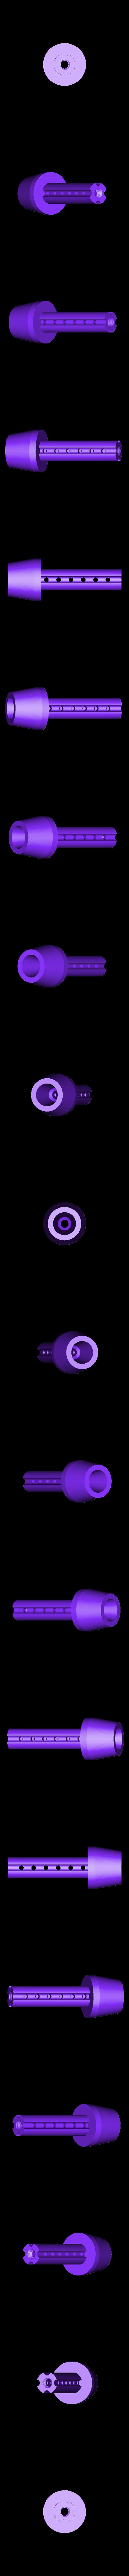 30mmlongLMU.stl Télécharger fichier STL gratuit Injecteur de graisse pour roulements LMU • Modèle imprimable en 3D, Thomllama